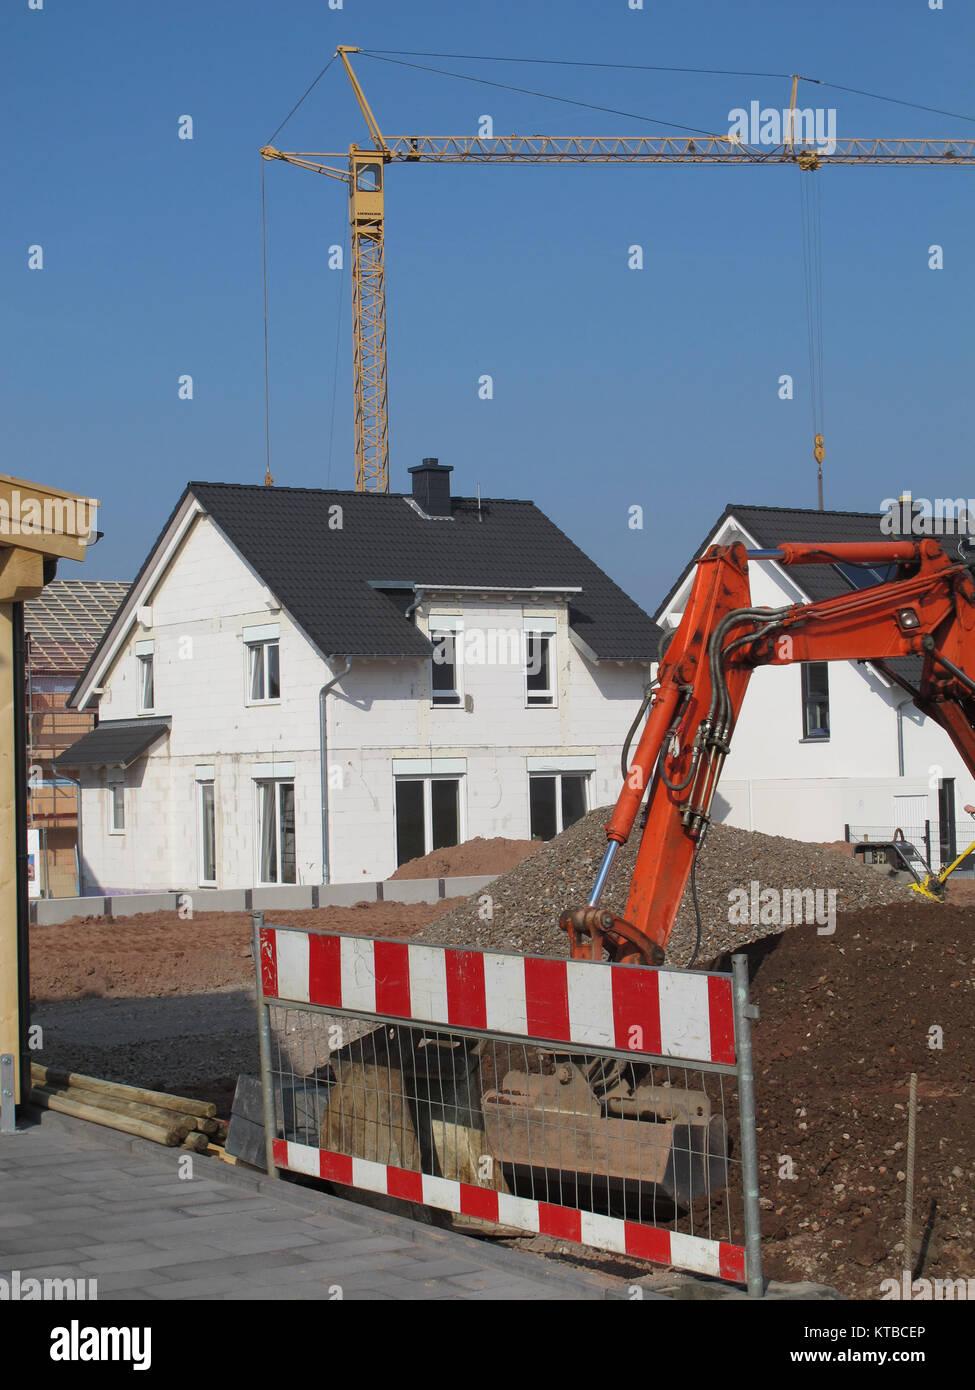 Baustelle, Rohbau, Hausbau, Bau, Bauen, Bauindustrie, Baugewerbe, Haus,  Firma Bisser, Gerüst, Baugerüst, Hochbau, Bauen, Bagger